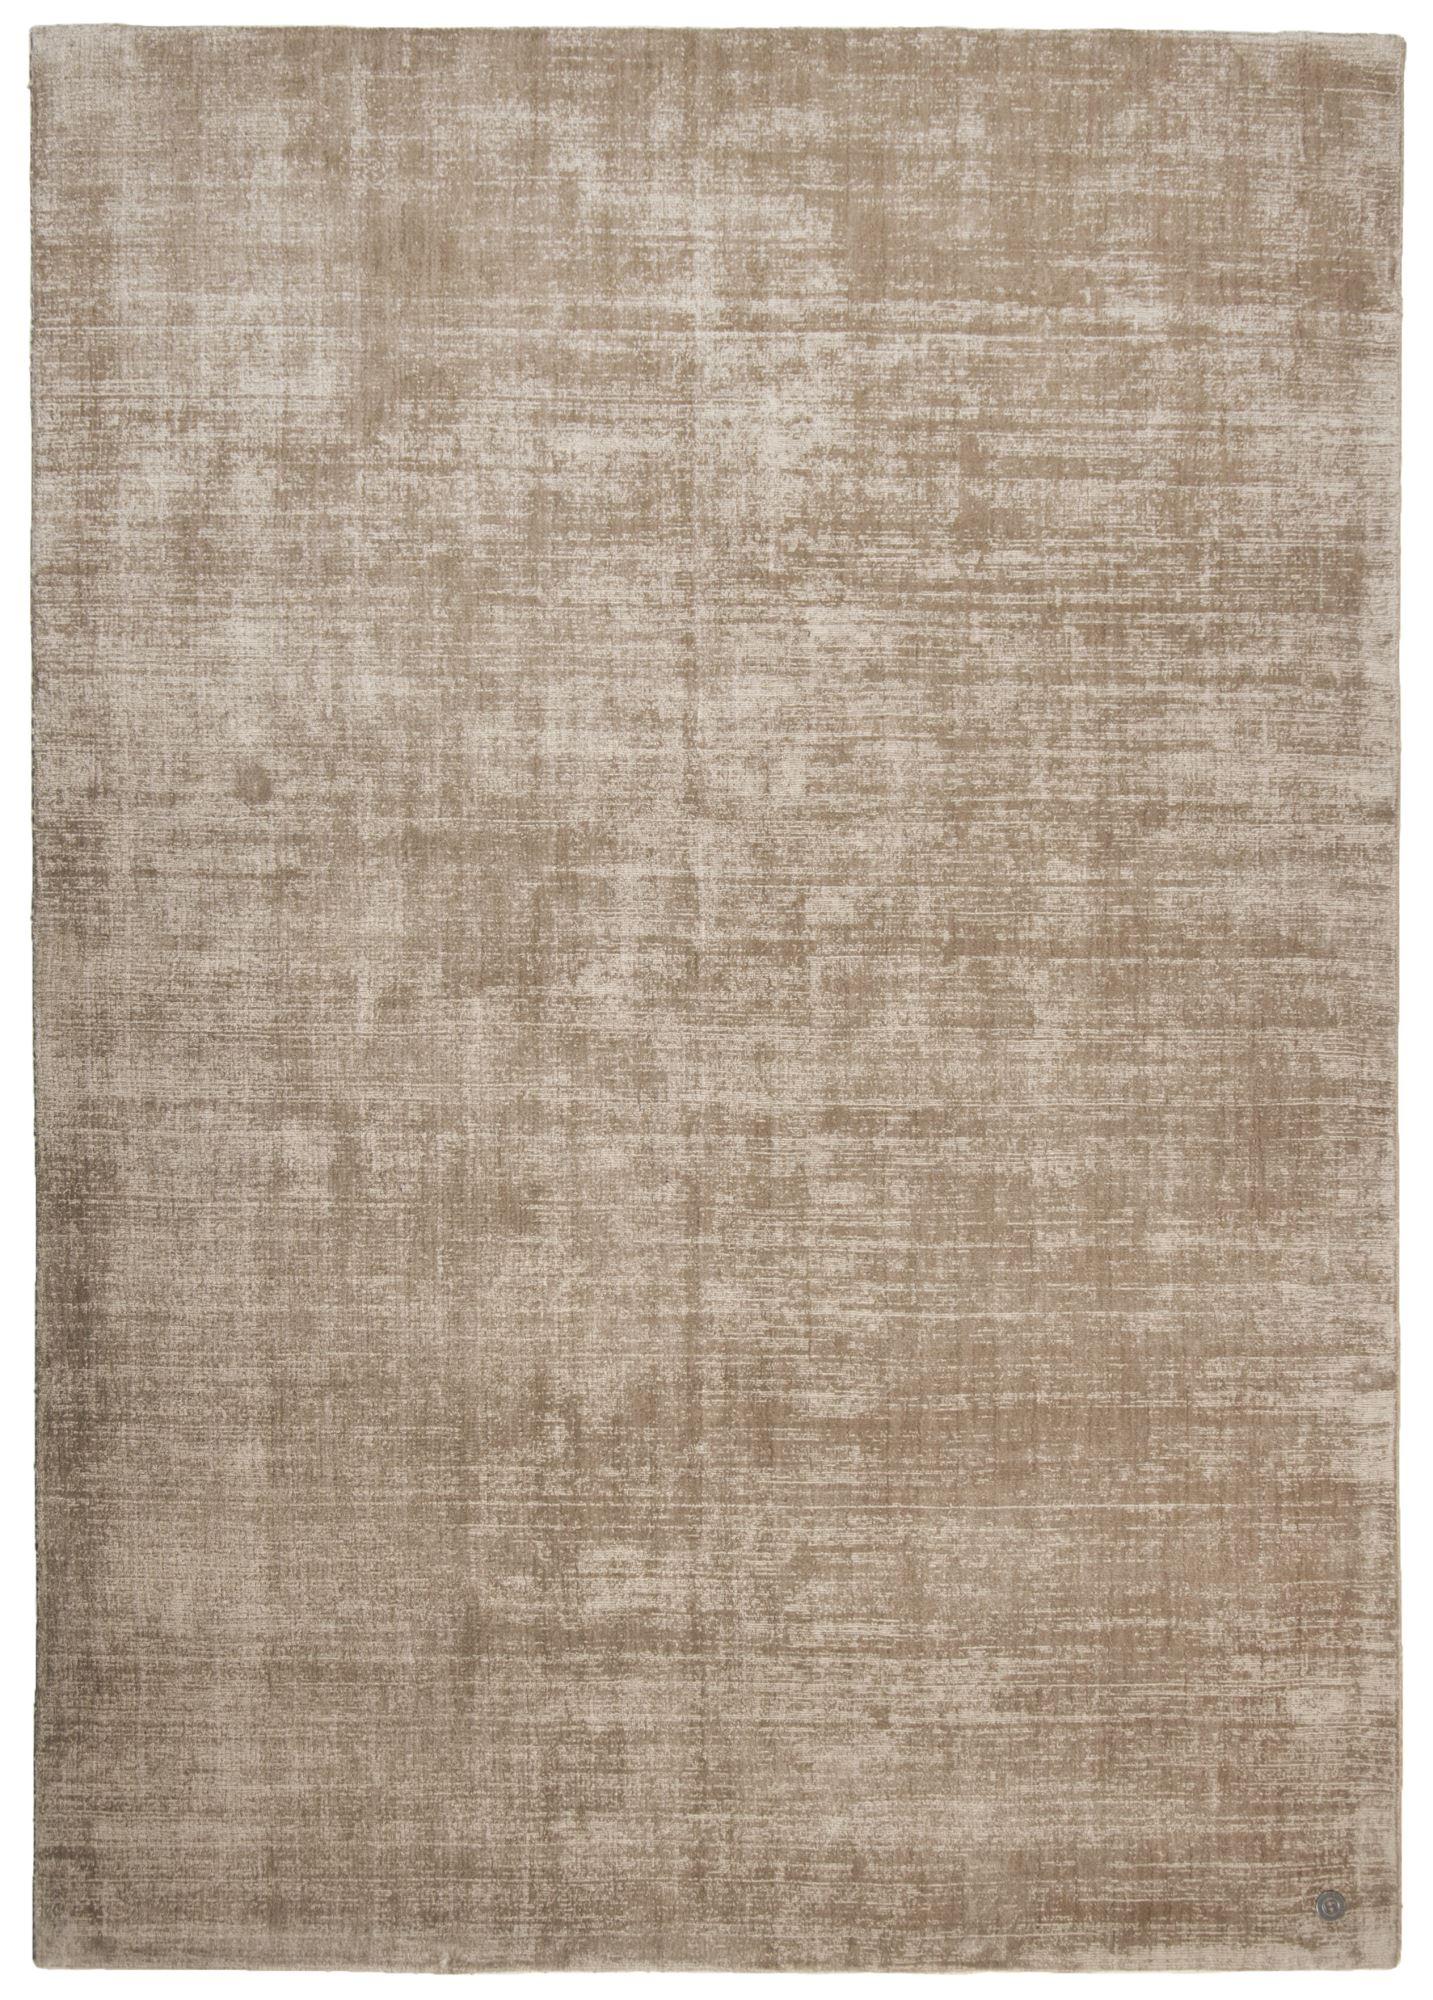 SHINE - Tapis élégant avec un doux brillant en viscose beige 65x135